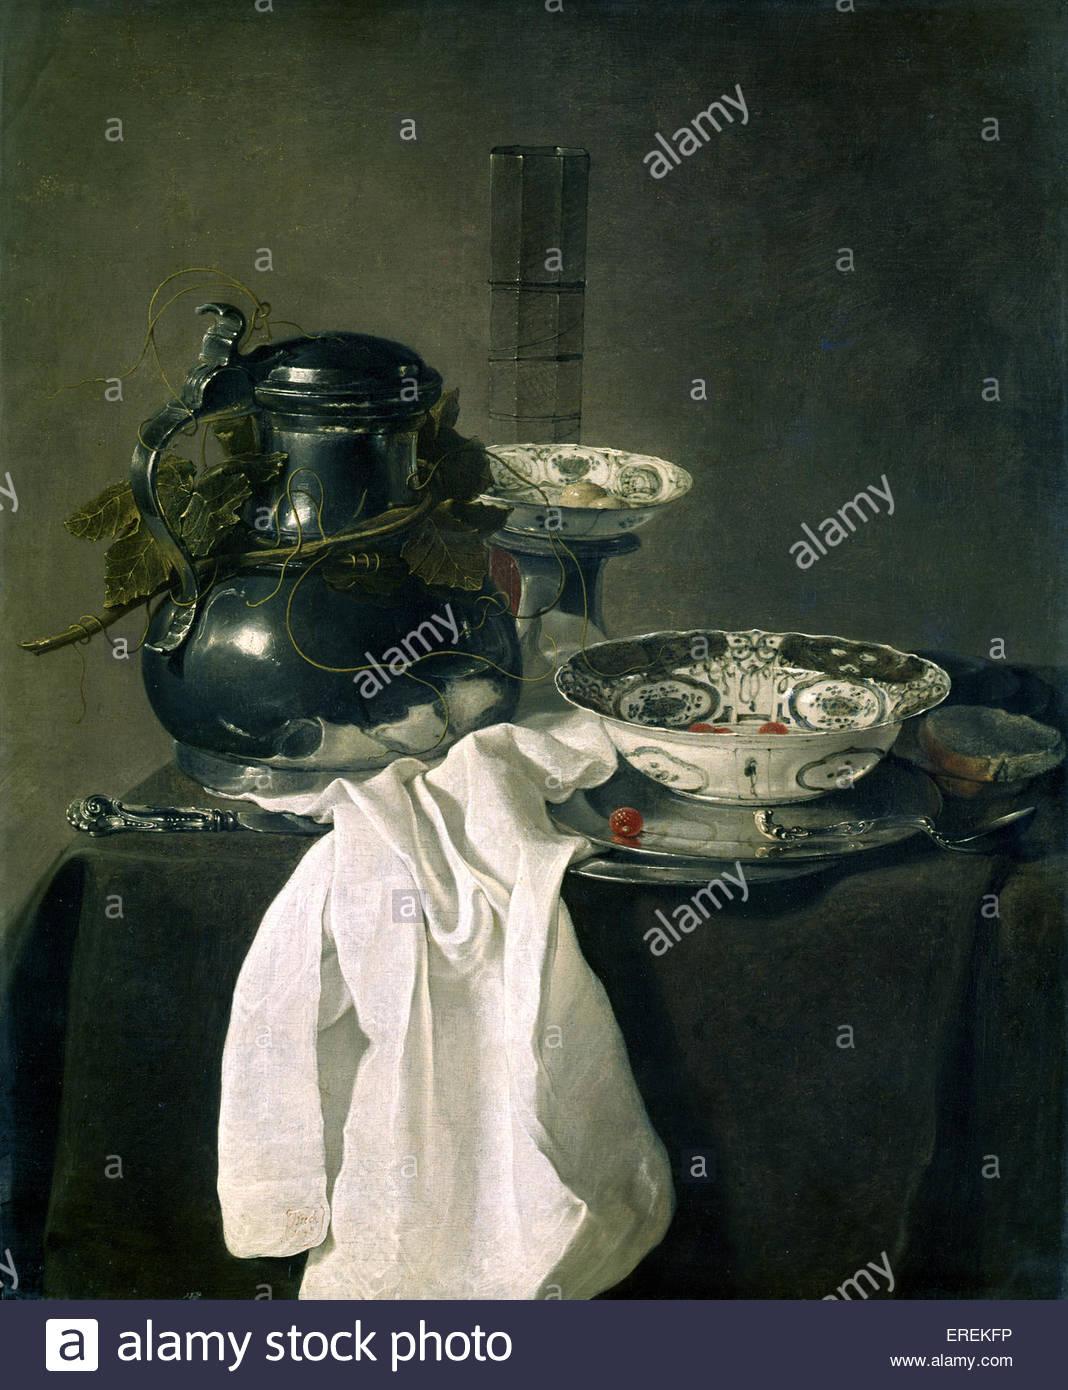 Stillleben mit Zinn Flagon & zwei Ming Schalen von Jan Treck, niederländischer Maler (1605/6 - 1652). 1651, Stockbild